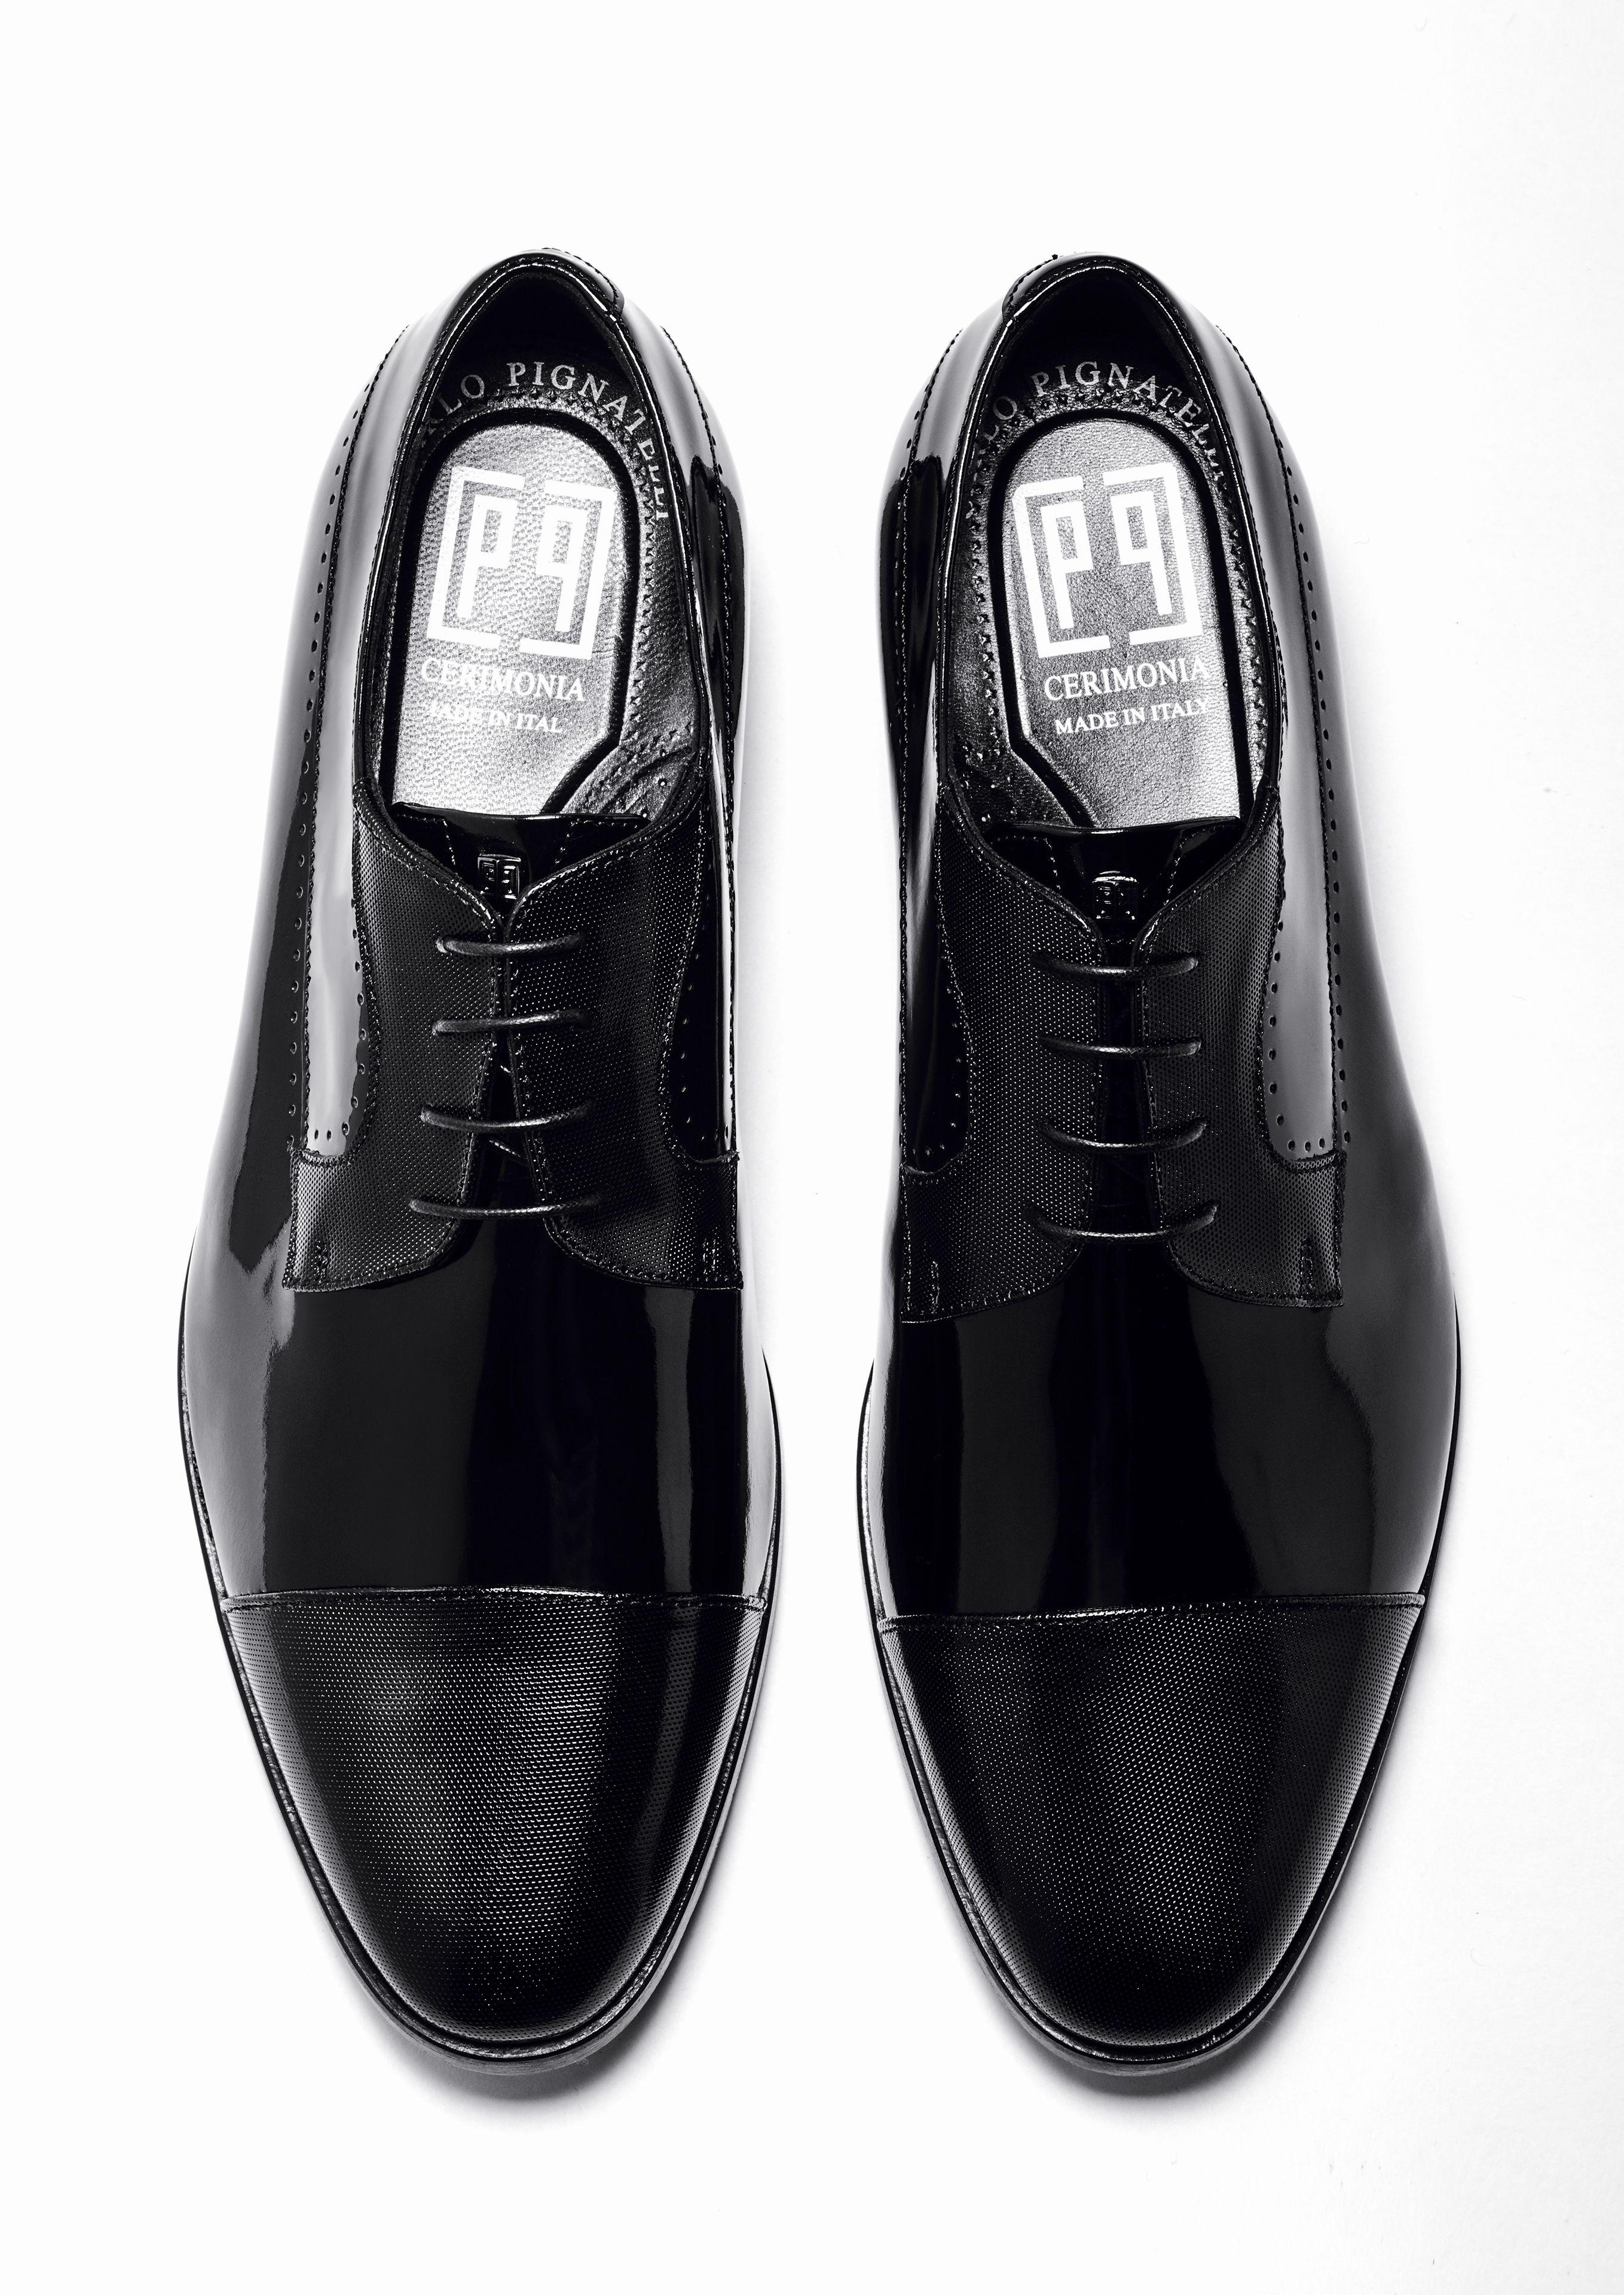 Carlo Pignatelli Cerimonia Shoes & Accessories 2017 #accessories #groom  #shoes #accessori #